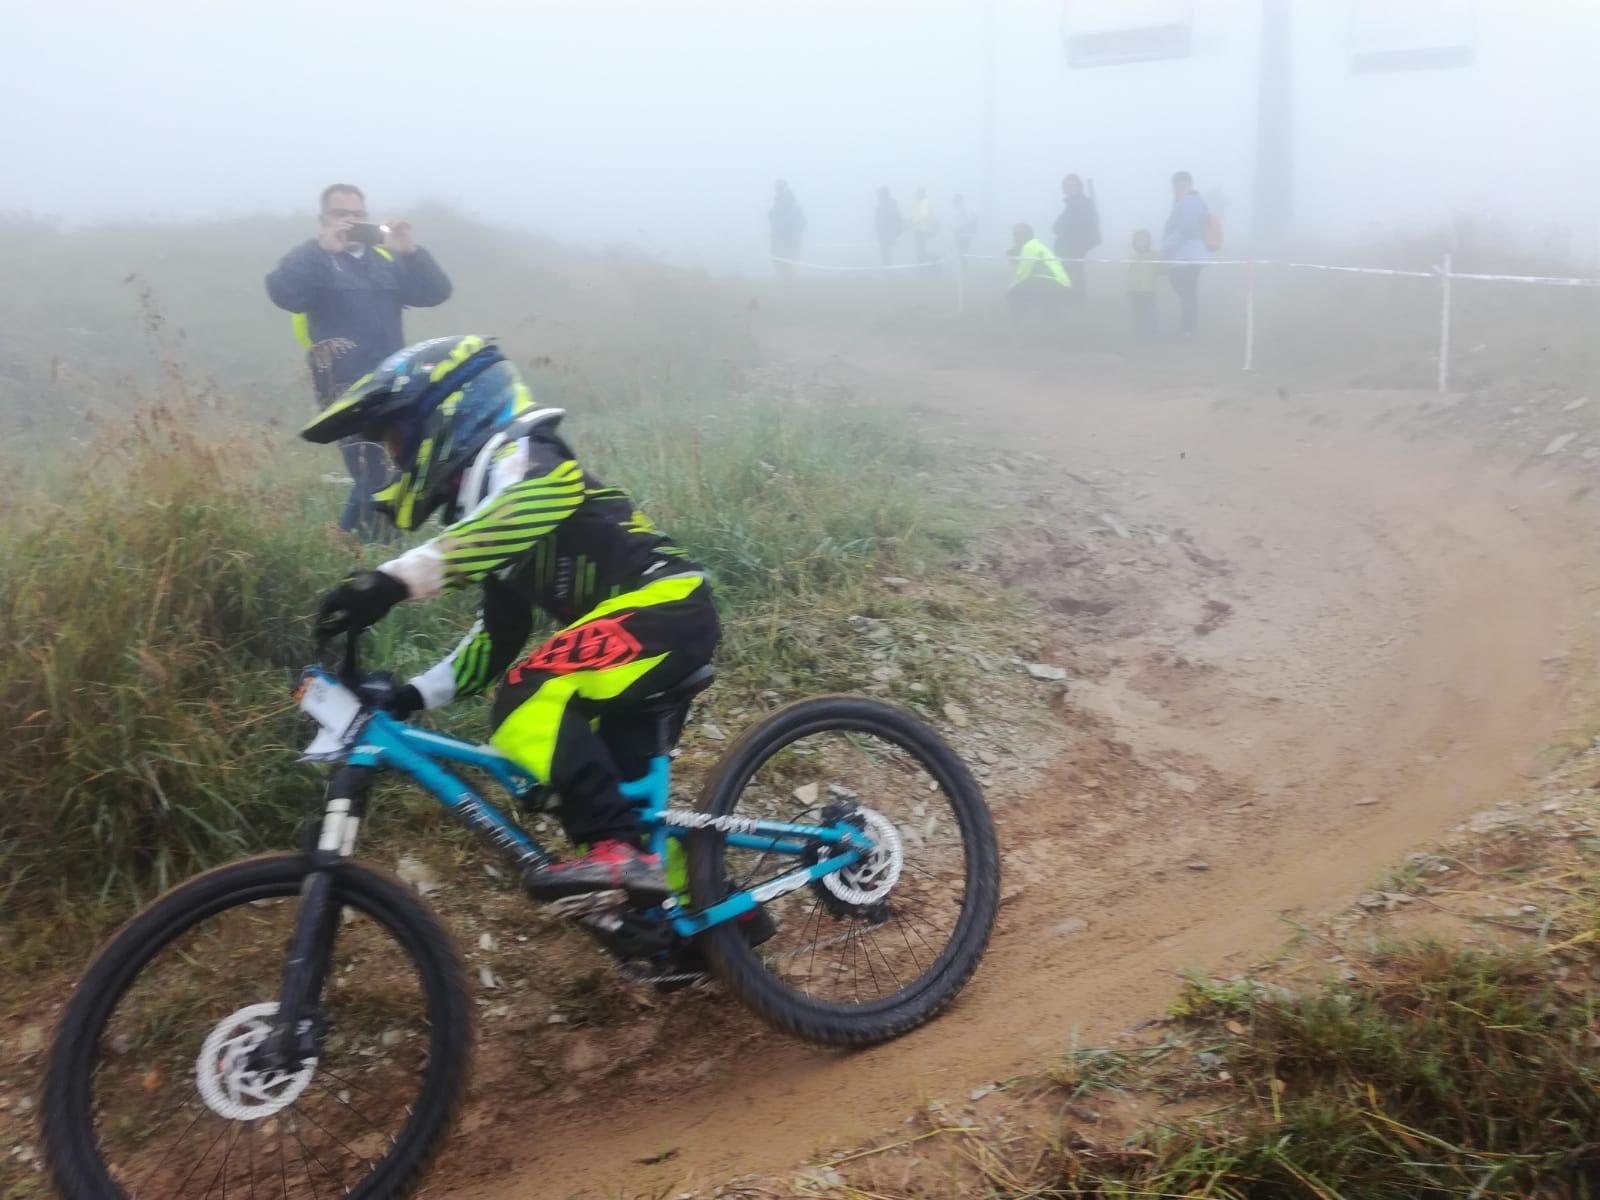 DOWNHILL - Rinviata causa maltempo l'attesa gara di San Colombano Belmonte